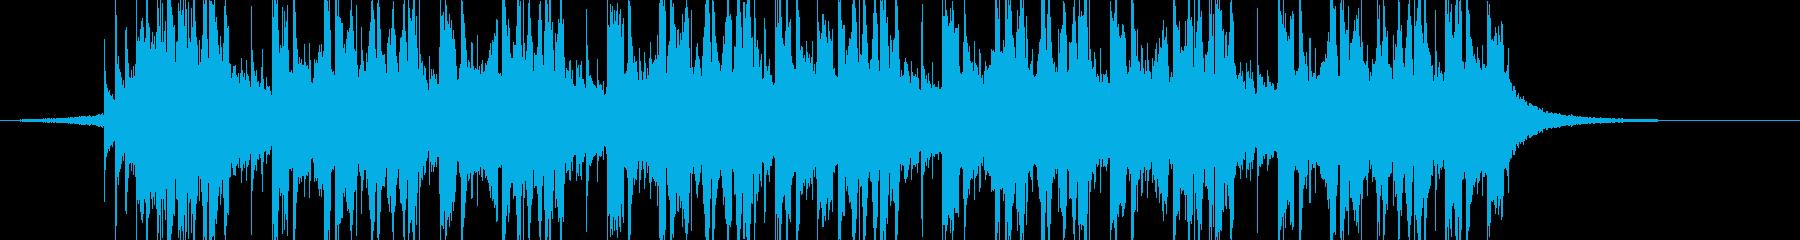 future bass、EDM1-Cの再生済みの波形